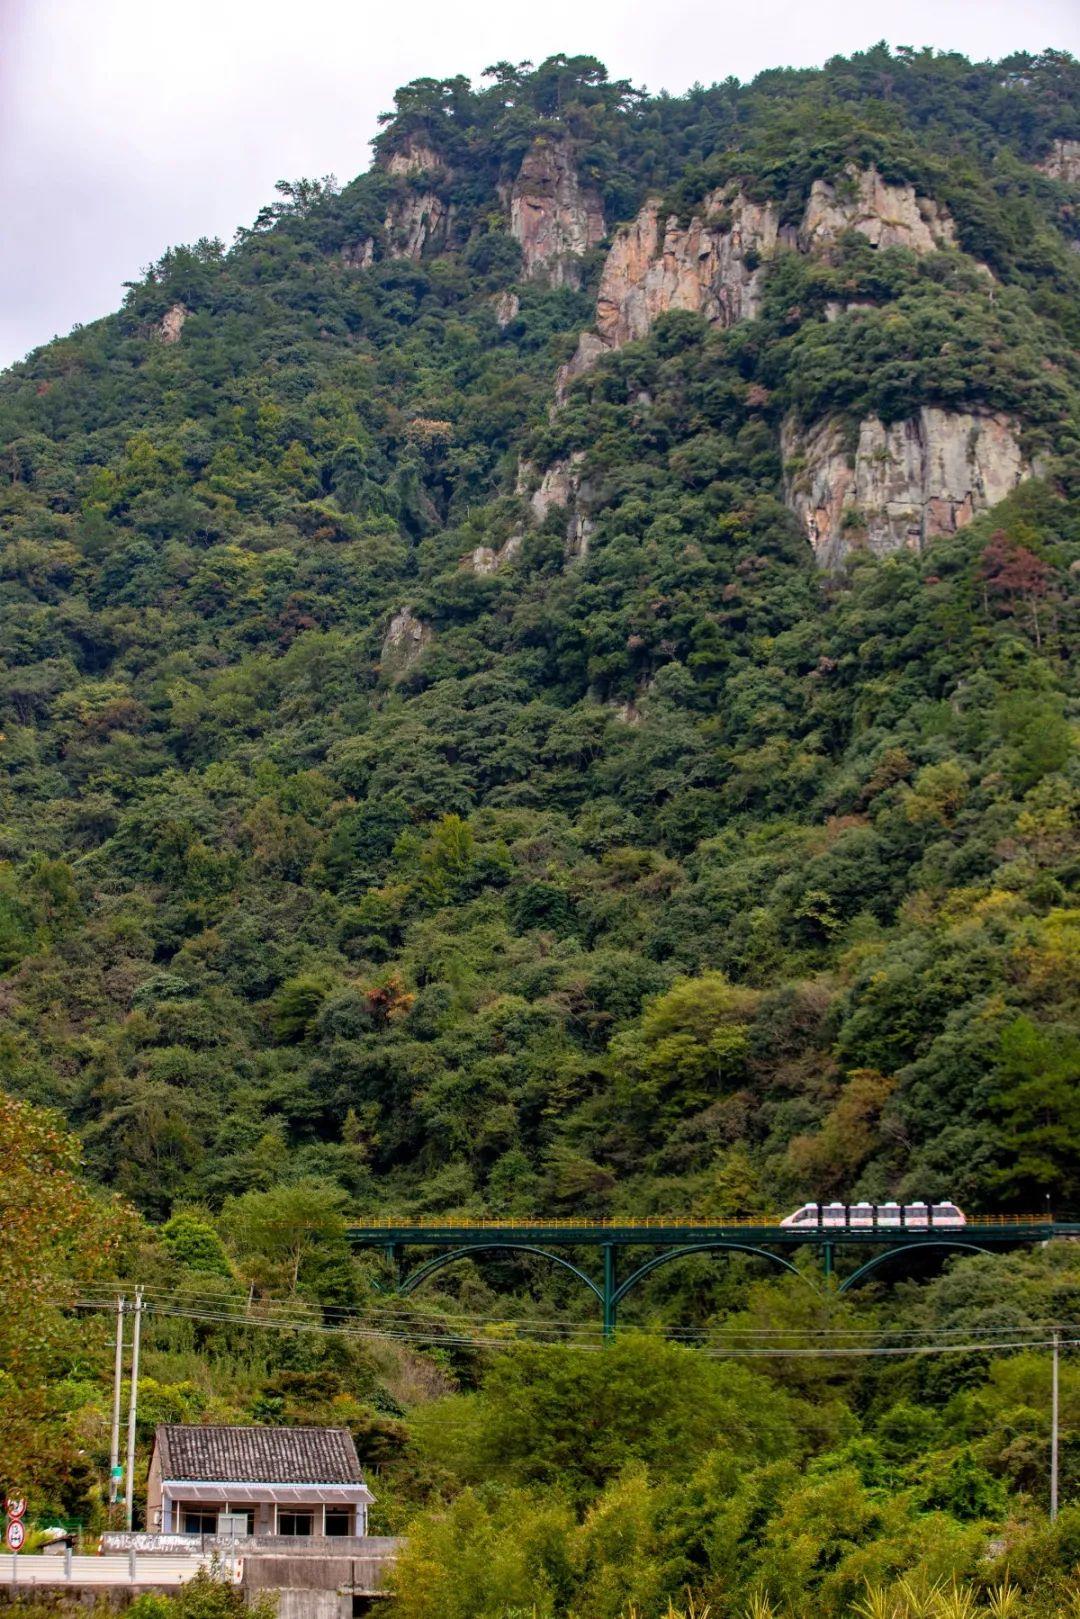 宁波这条盘山公路美得醉人!头上开着小火车,还有色彩斑斓的水库湿地!